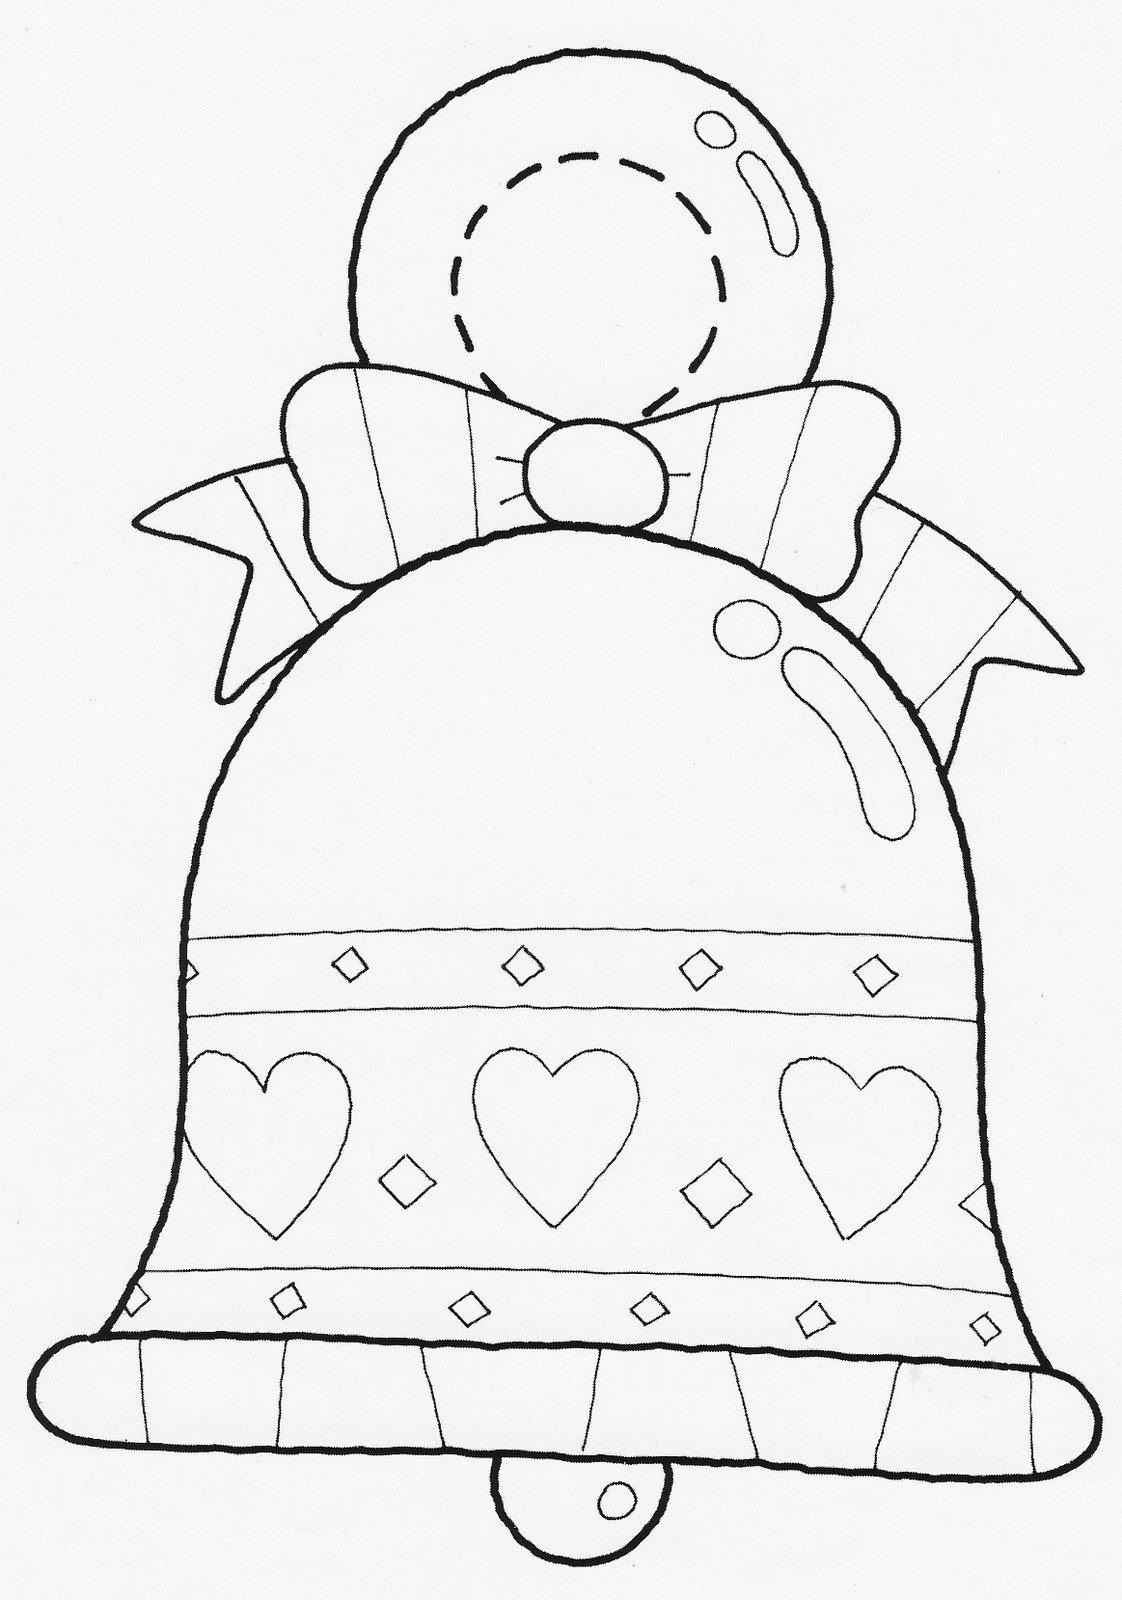 Como Decorar Un Dibujo De Una Campana De Navidad